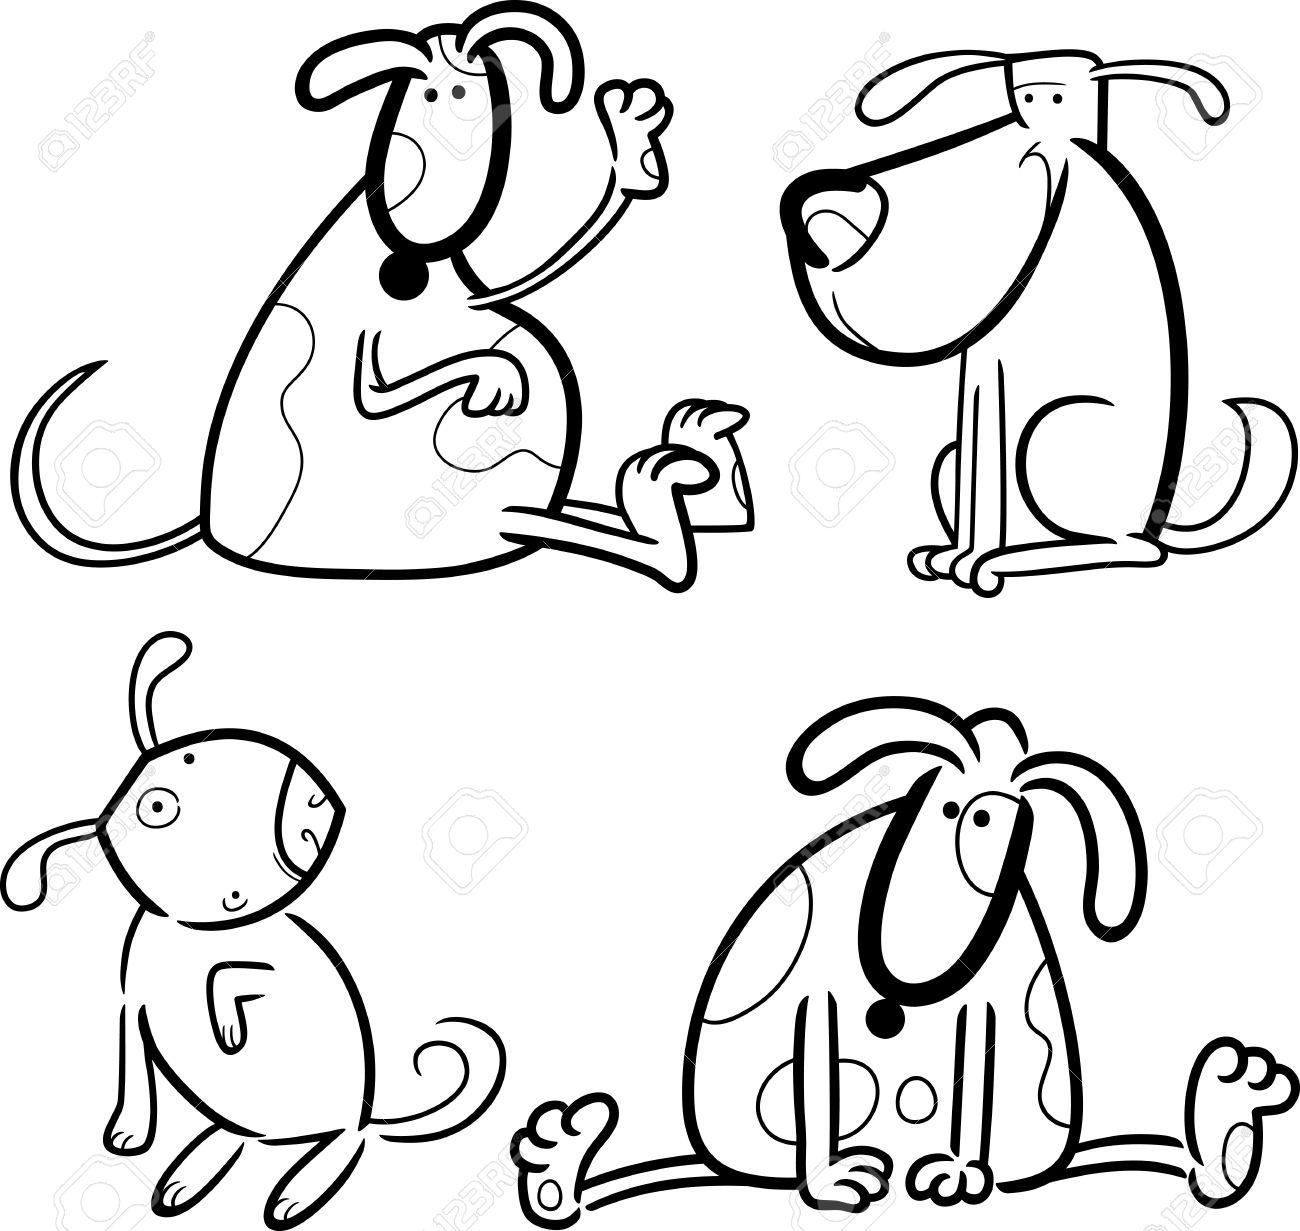 Ilustración De Dibujos Animados De Los Cuatro Perros Lindos ...